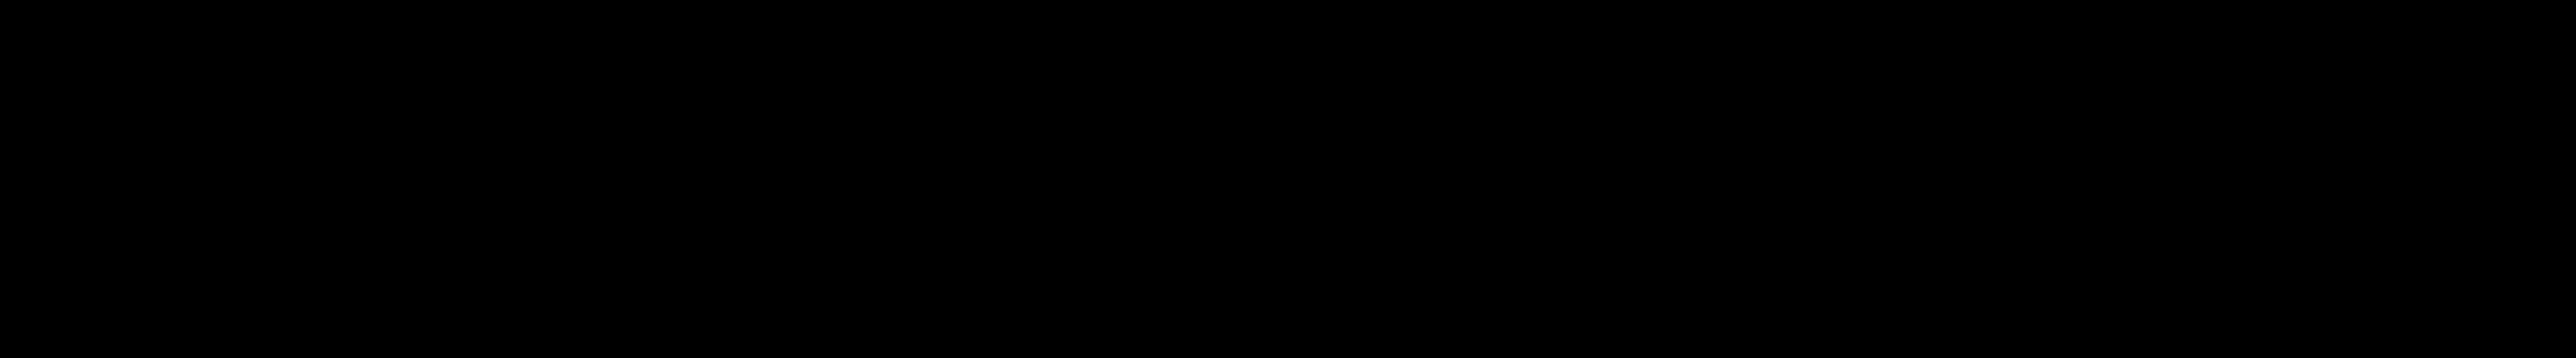 Onkyo – Logos Download